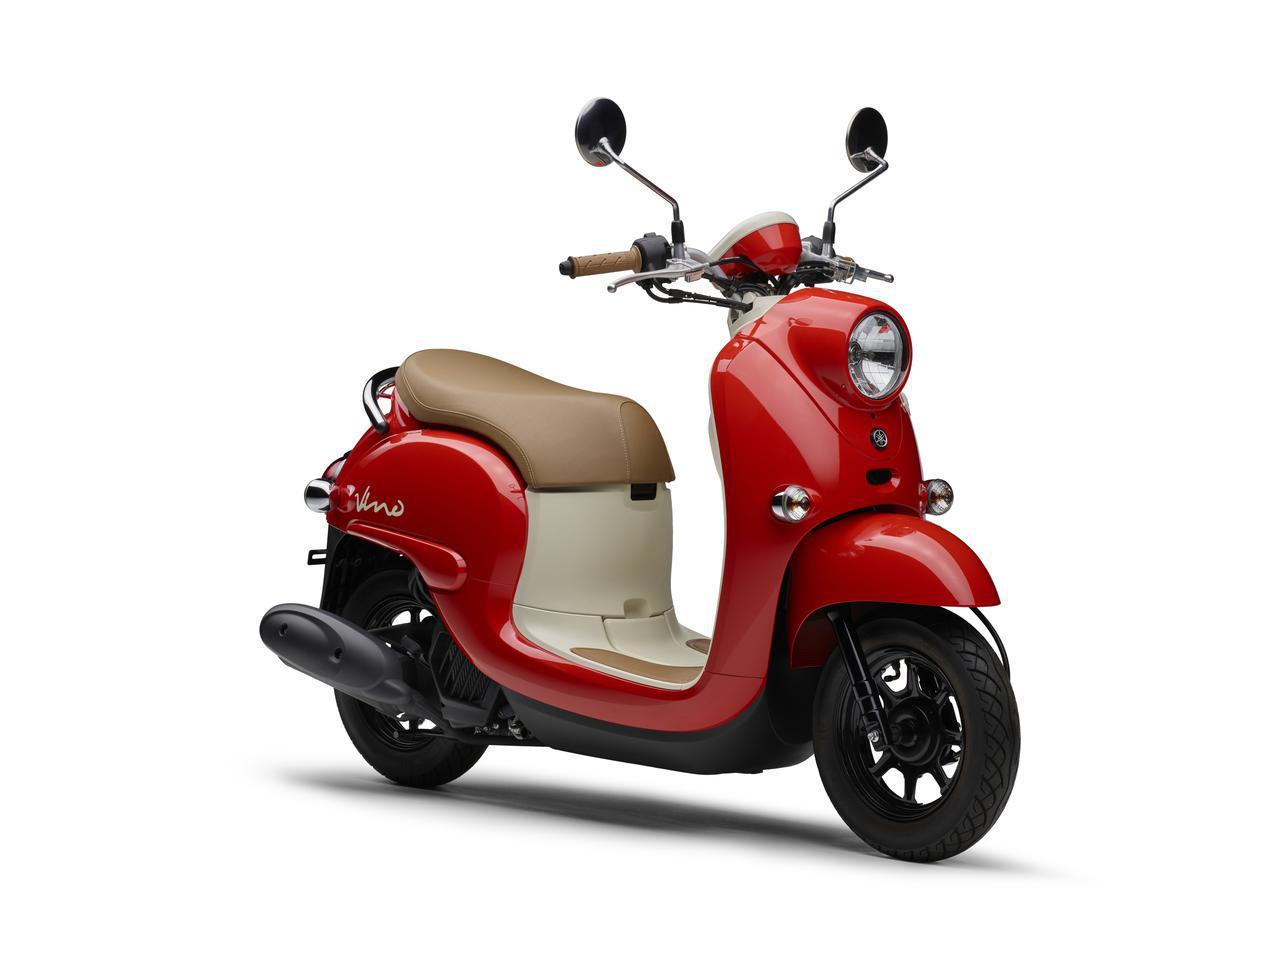 画像6: ヤマハが50ccスクーター「ビーノ」の2021年モデルを発表! ニューカラーは4色、合計6色の設定で発売